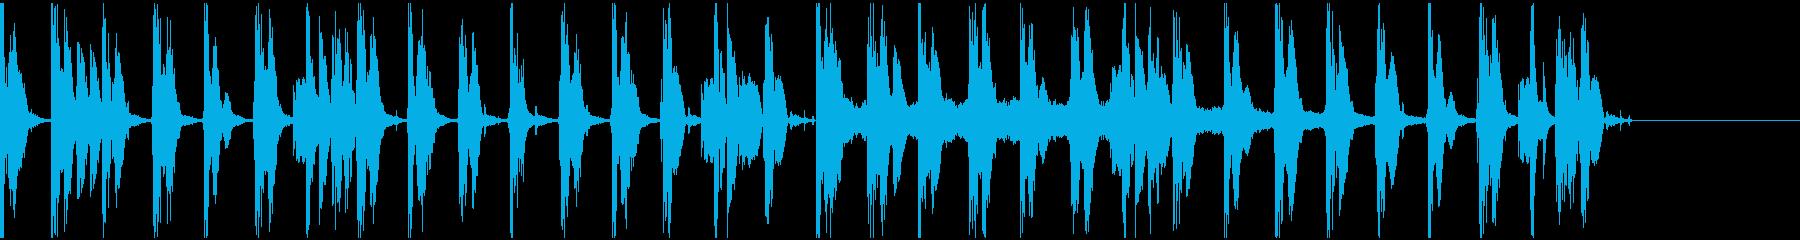 【エレクトロニカ】ロング5、ショート3の再生済みの波形